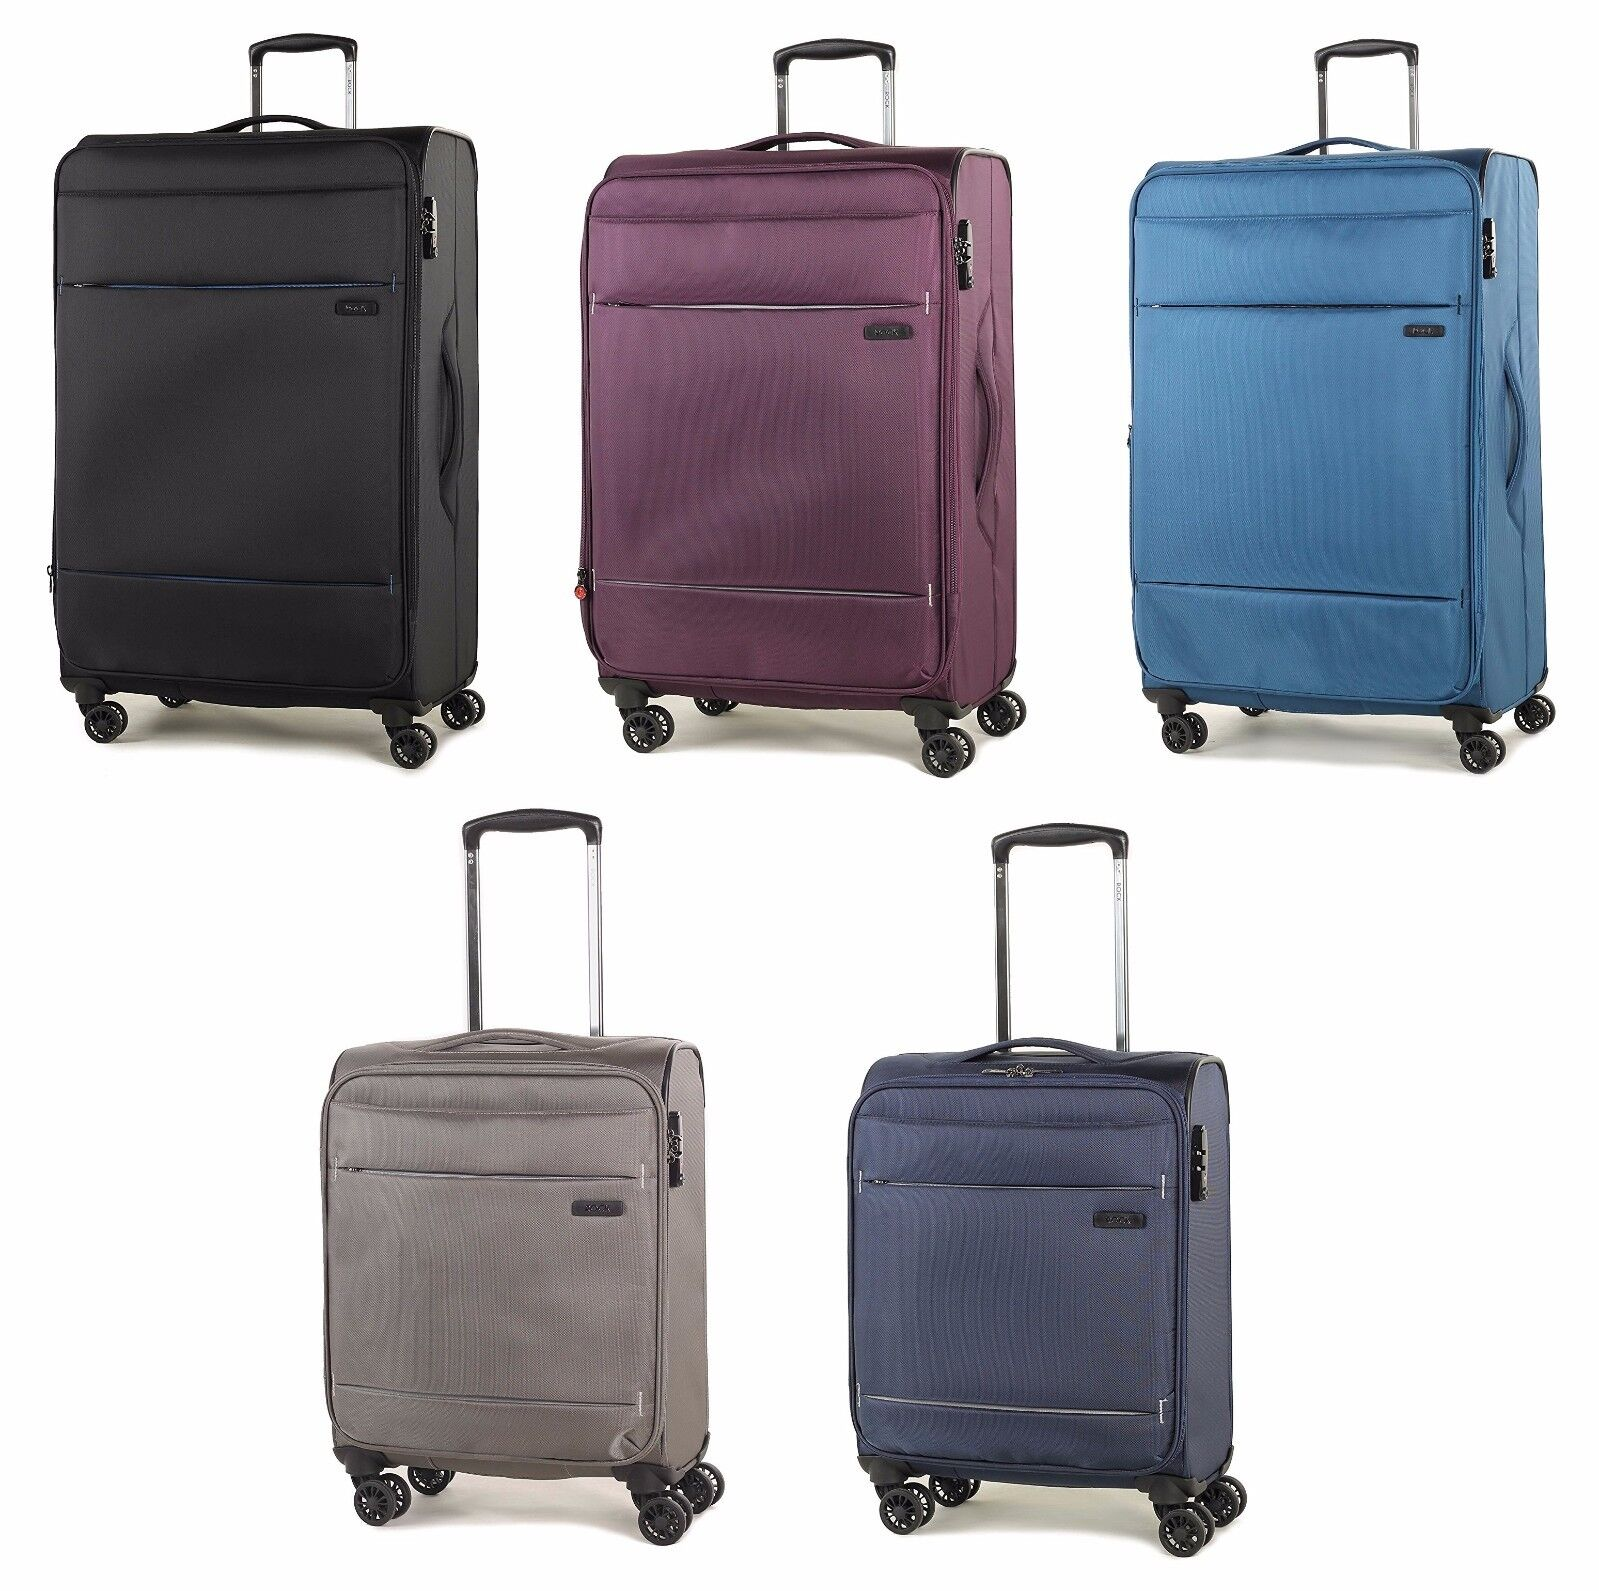 Rock Deluxe-Lite Super Lightweight Four Wheel Spinner Luggag